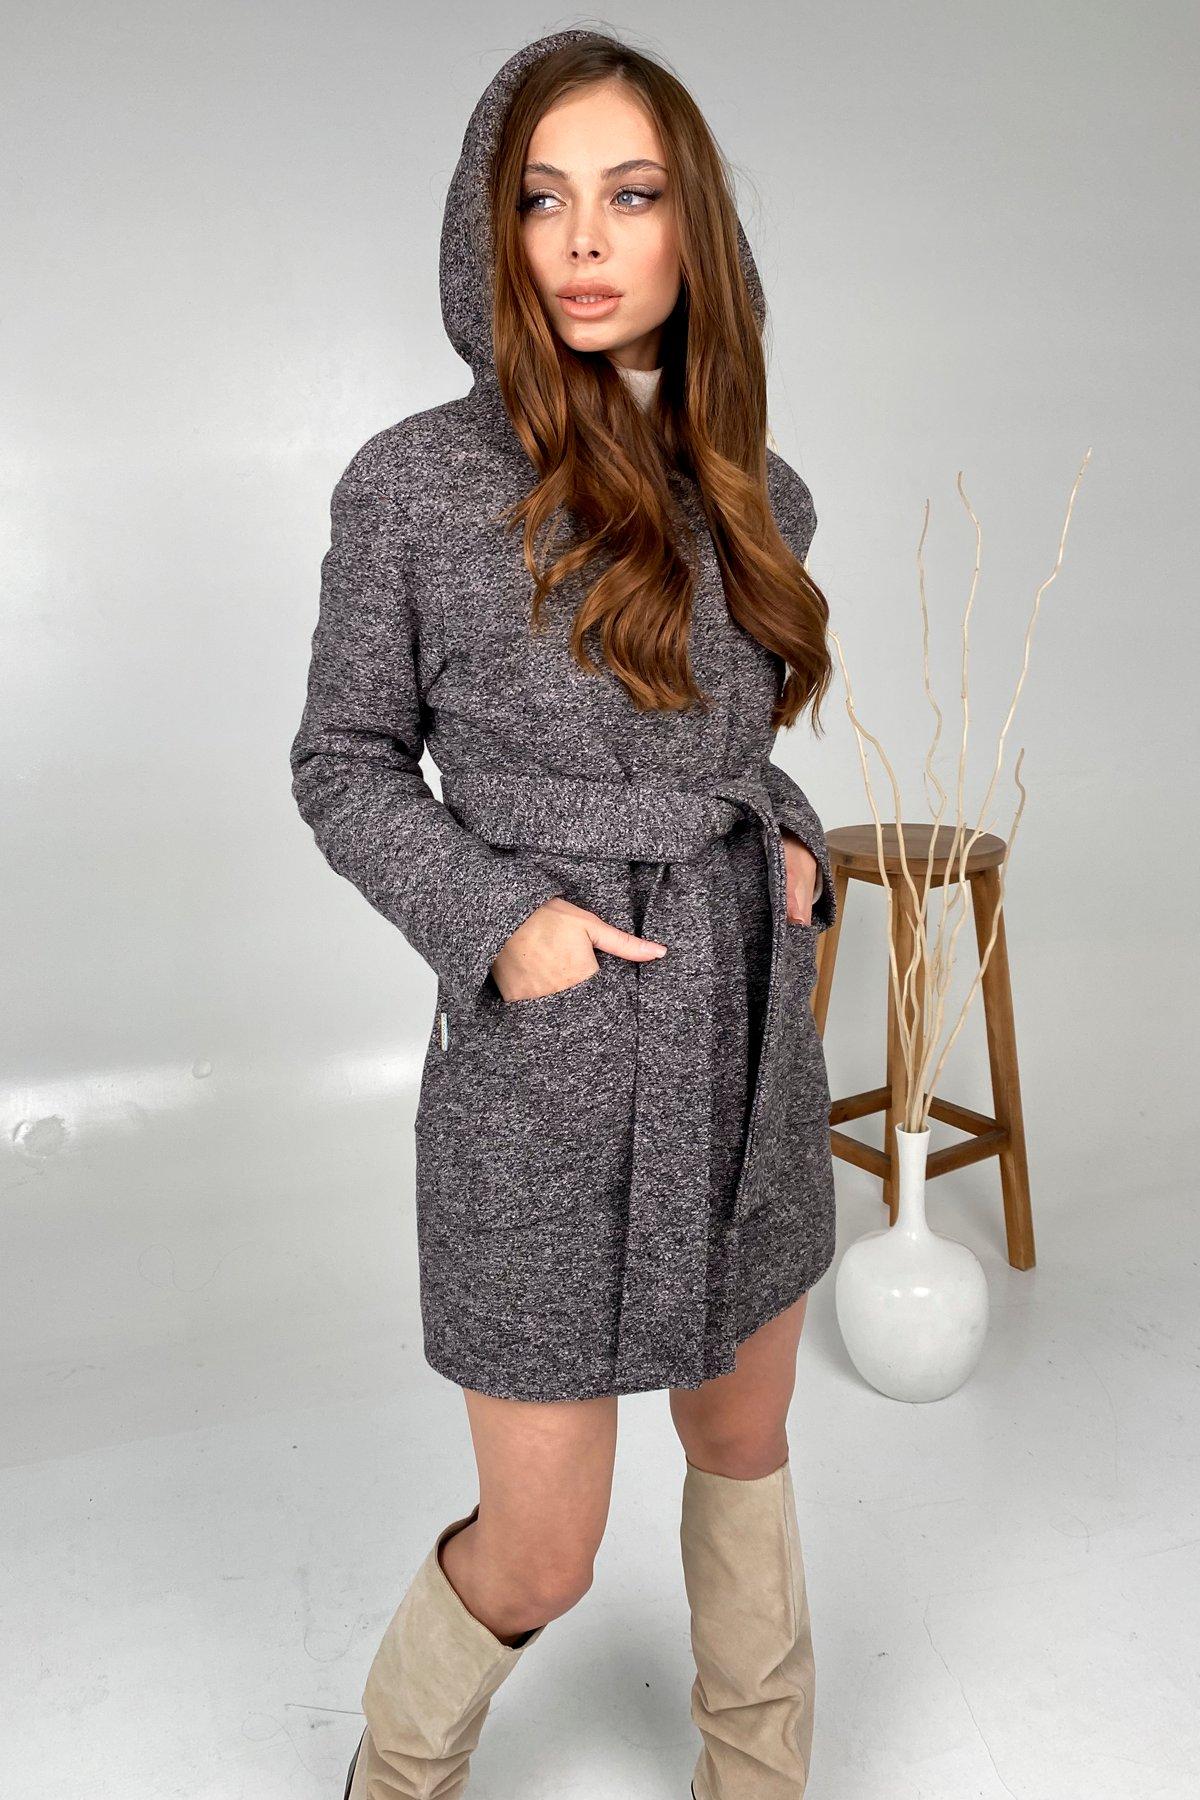 Анита шерсть варенка зима без меха пальто 9936 АРТ. 46221 Цвет: Черный/розовый 19 - фото 4, интернет магазин tm-modus.ru